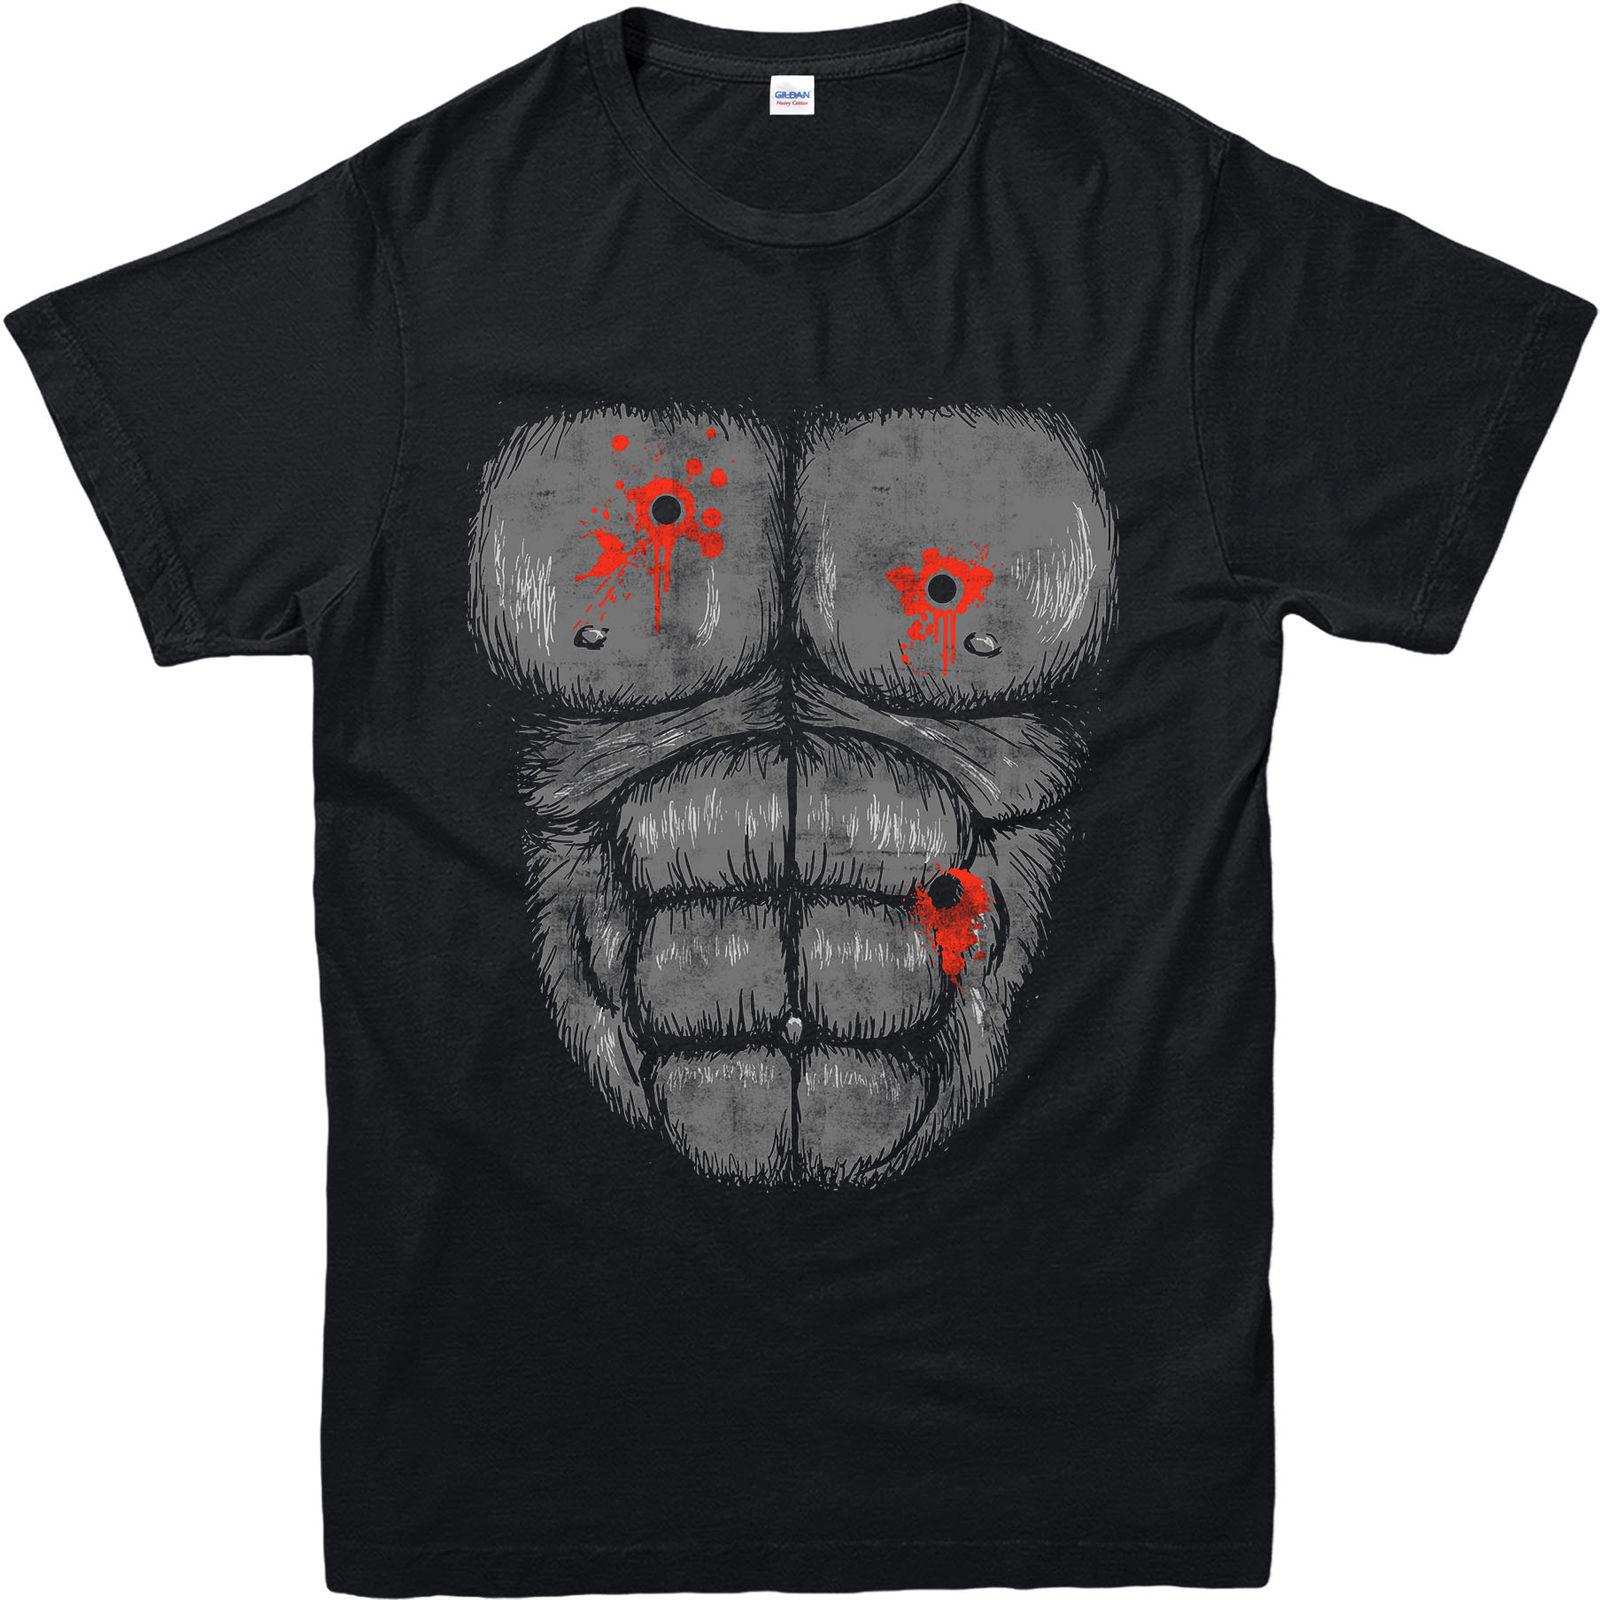 Предоставляет футболка, предоставляет выстрел РАН, вдохновленный Дизайн Топ (hbhsw)